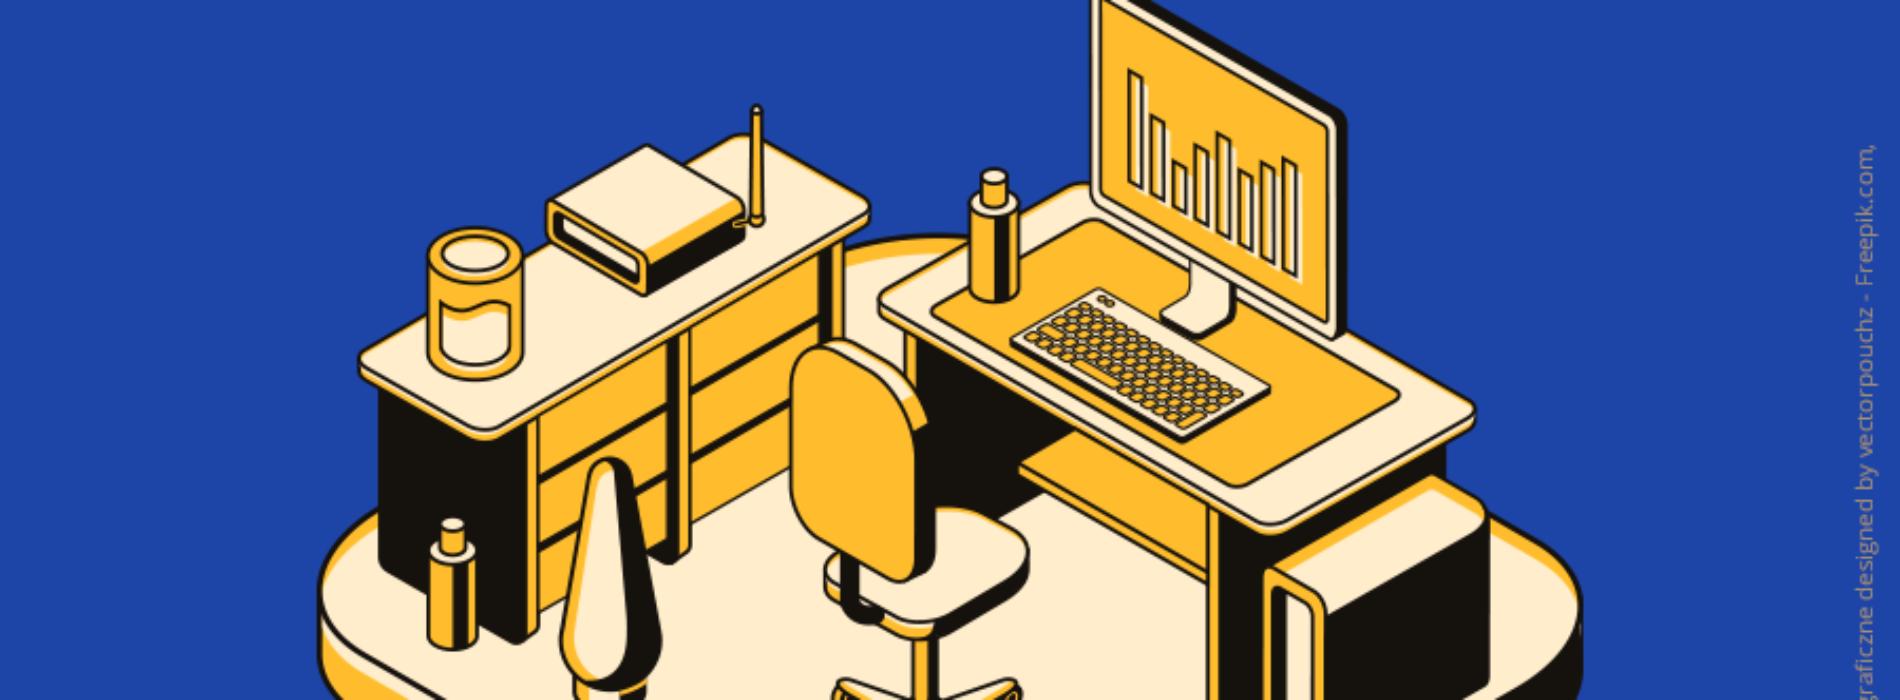 Pieczątka księgowej – najpopularniejsze wzory, które ułatwiają pracę